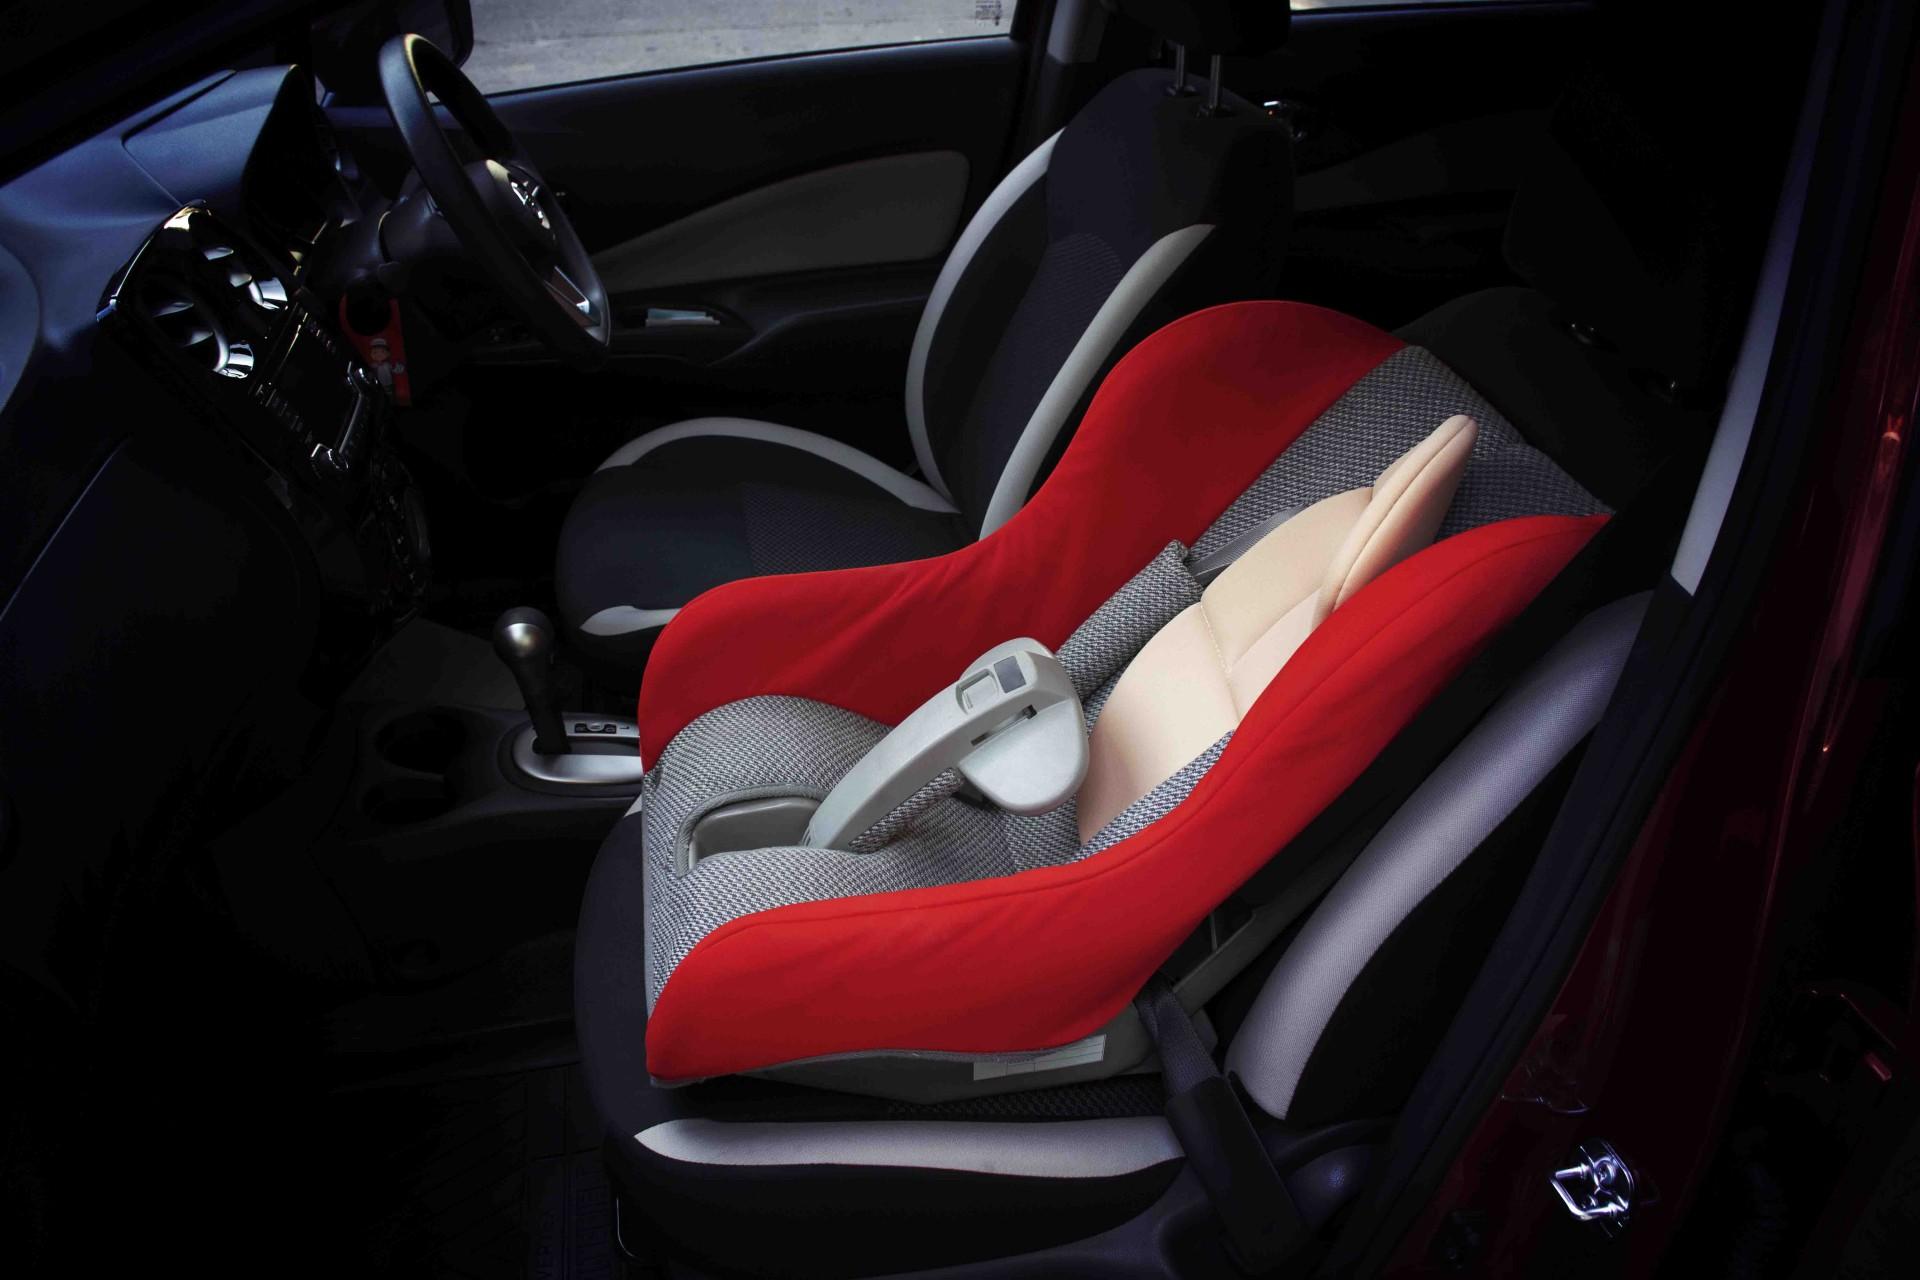 Los 6 riesgos de la reutilización de sillitas de seguridad infantil